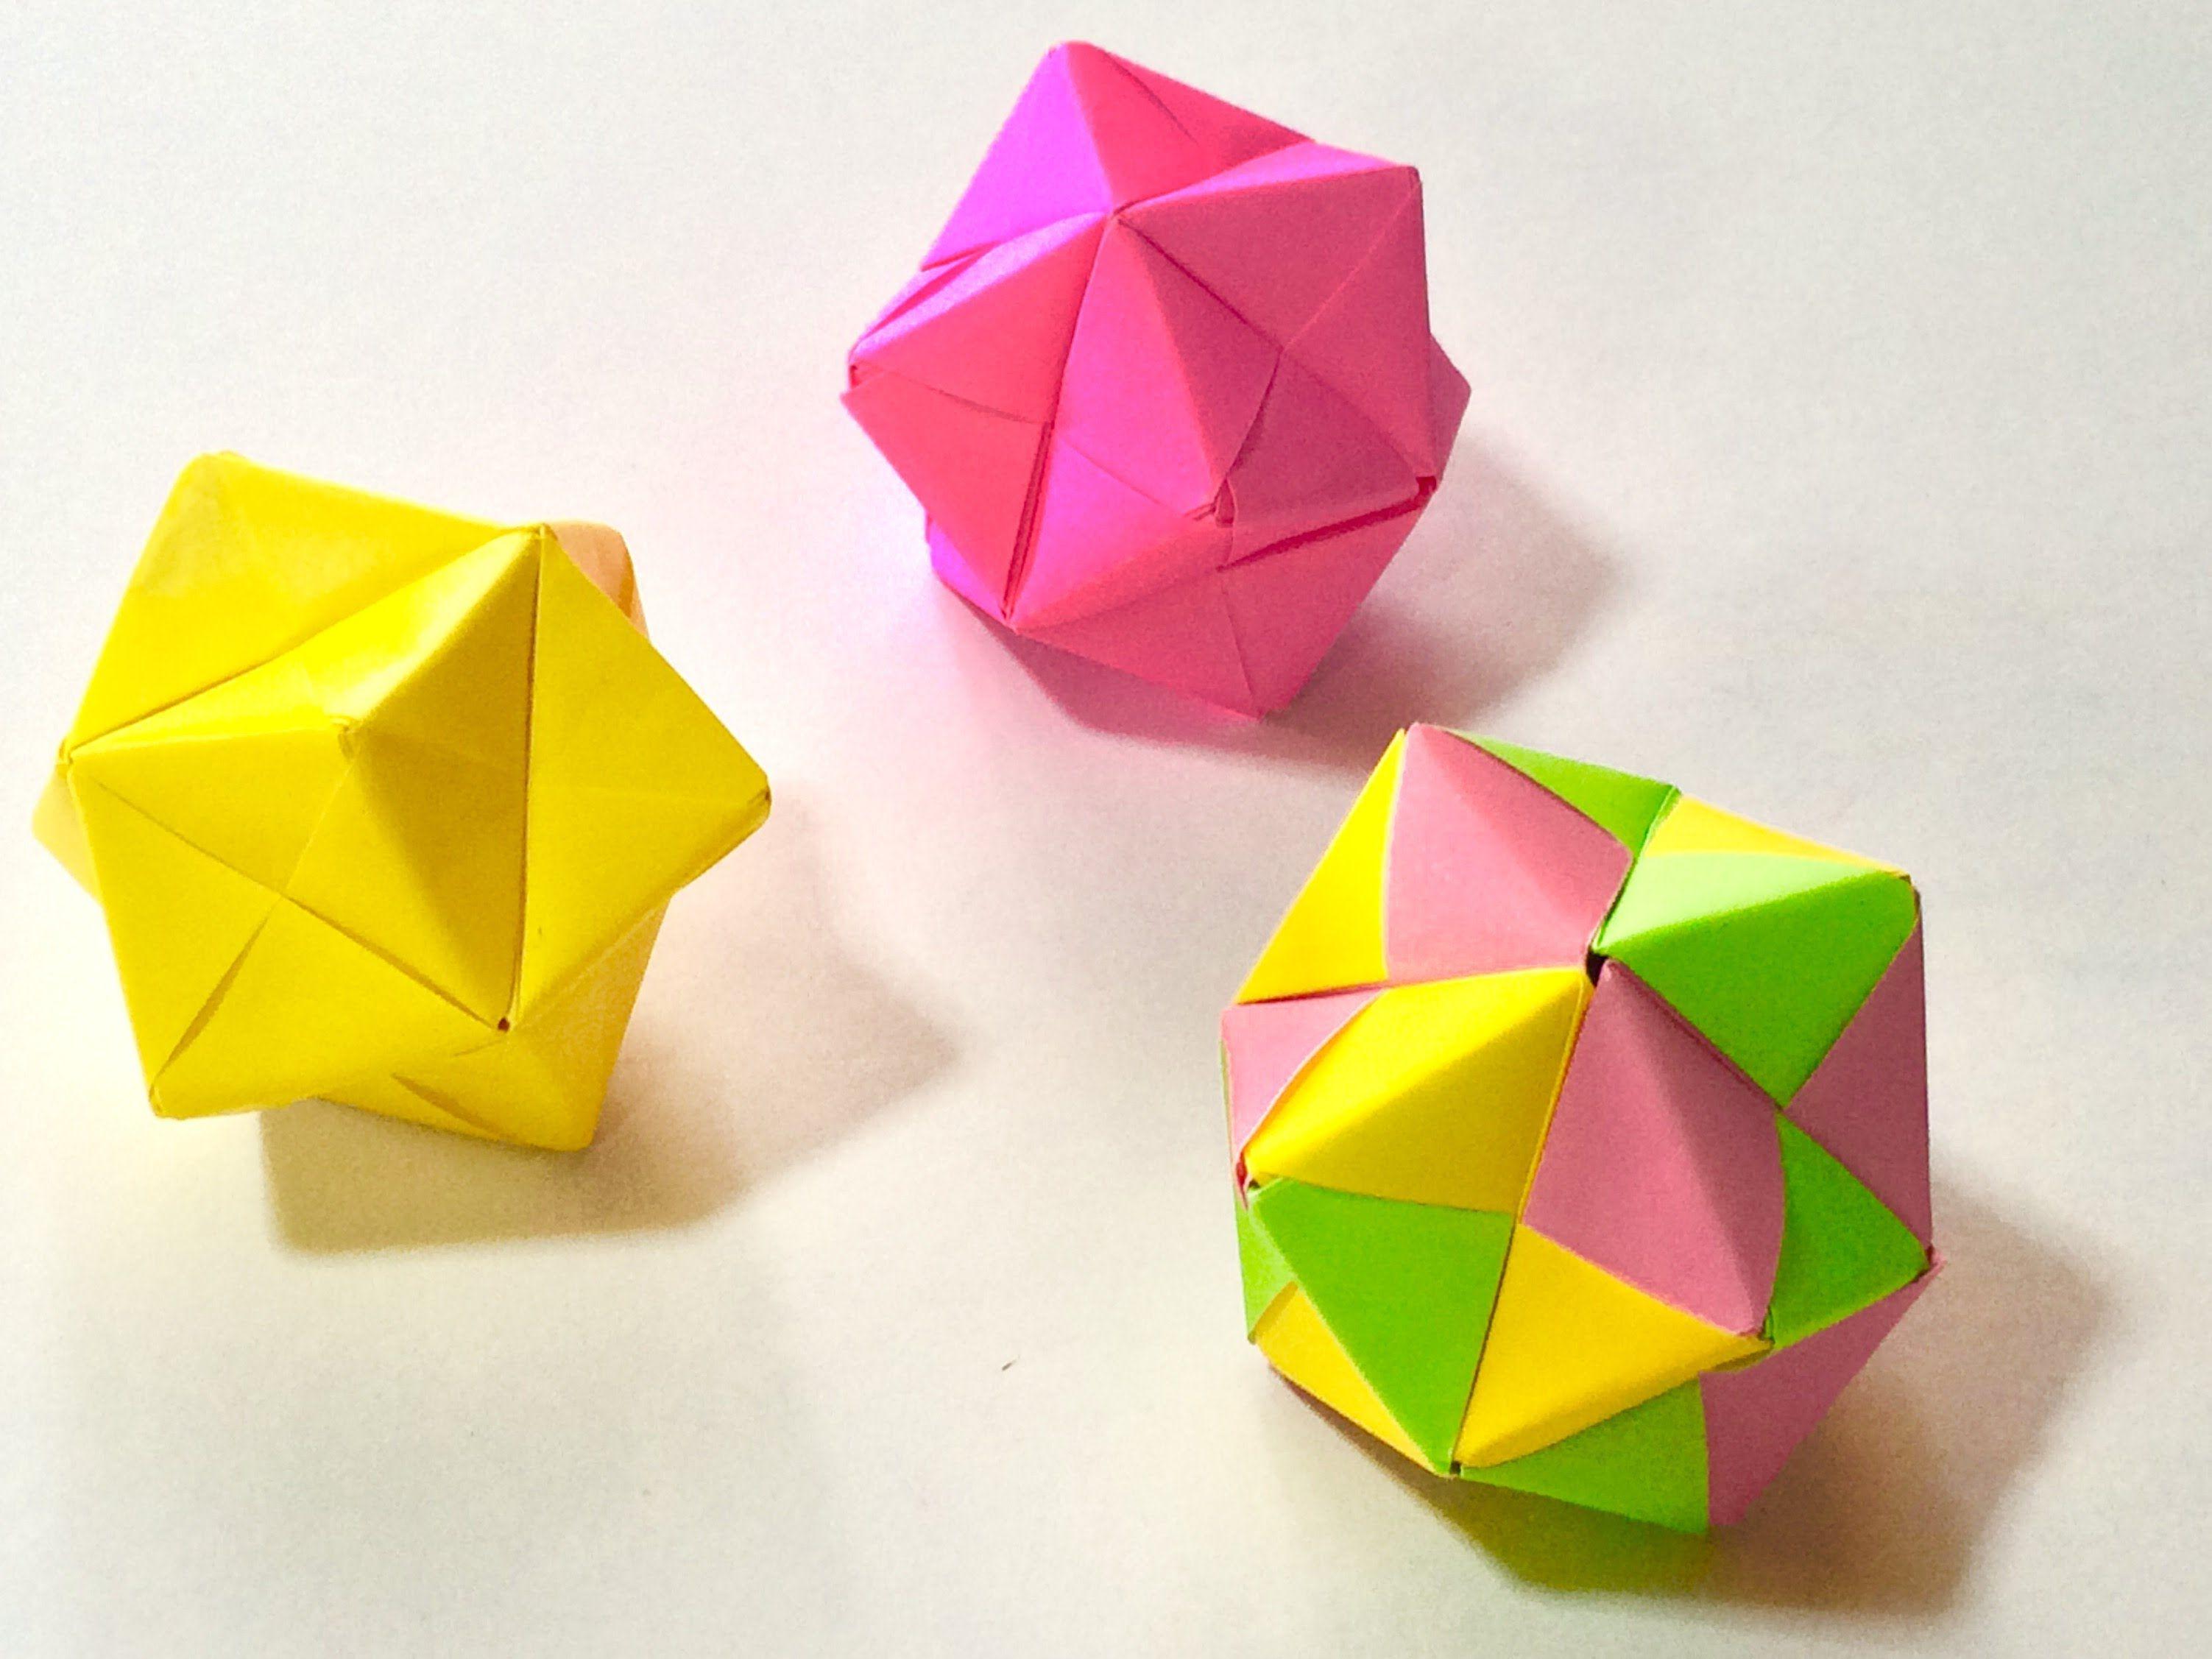 ユニット 折り紙 Origami Kusudama | ORIGAMI(折り紙) | Pinterest ... - photo#29